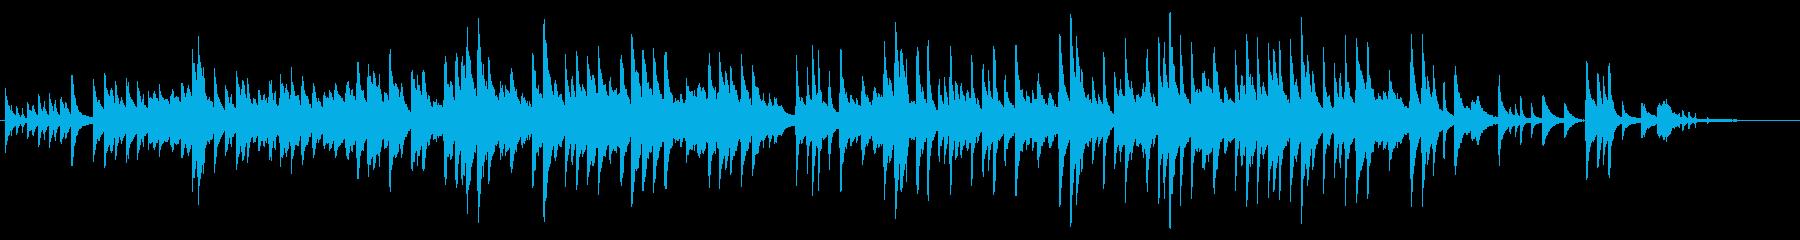 童謡「もみじ」情緒あるオリジナルアレンジの再生済みの波形